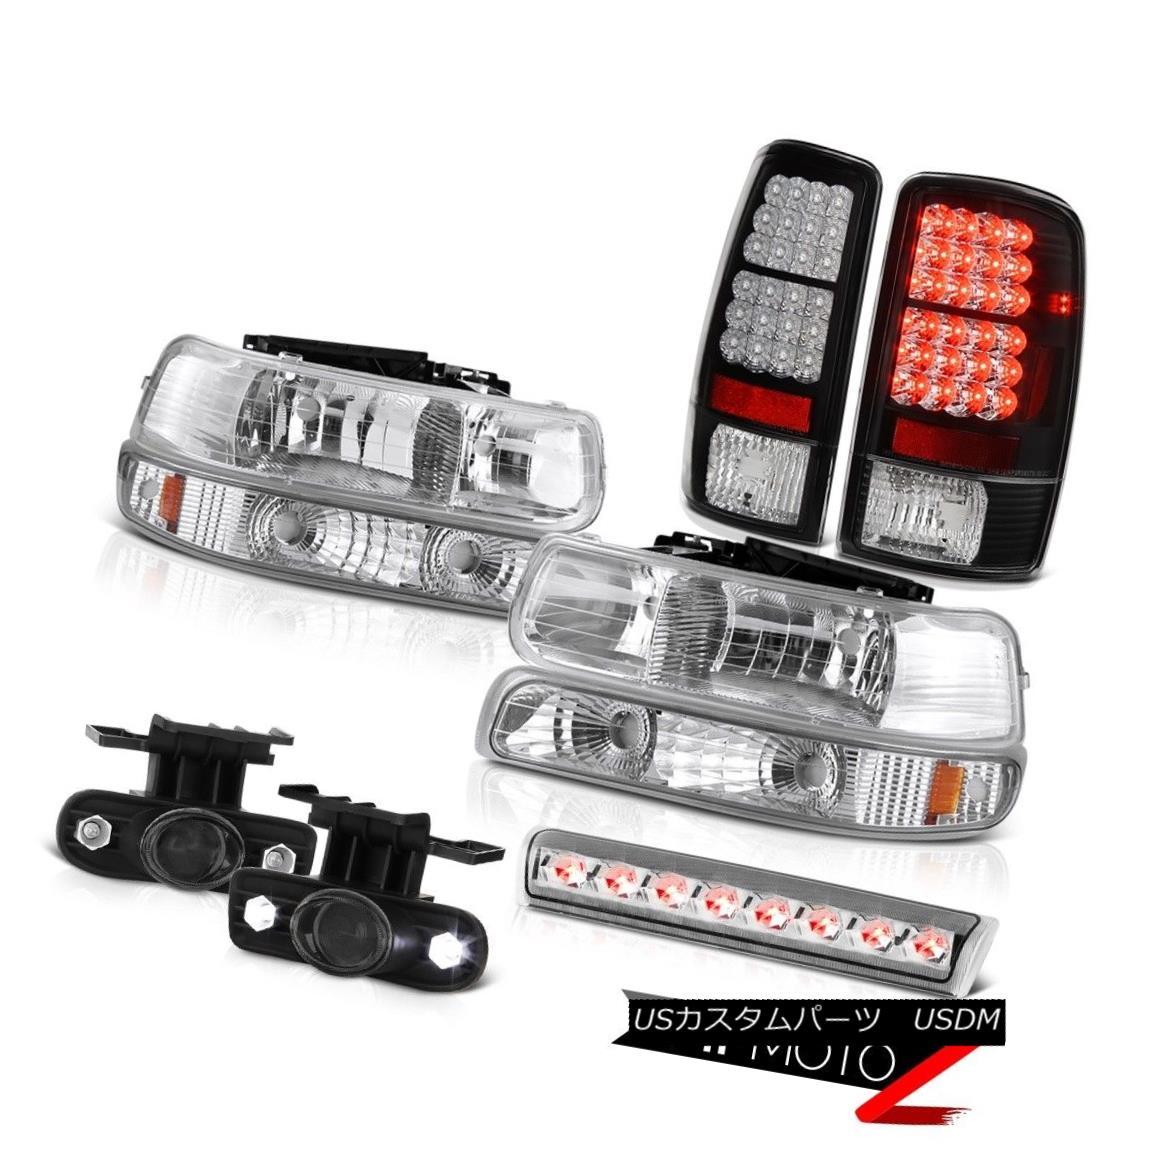 テールライト 2000-2006 Chevy Suburban LS Chrome roof cargo light fog lights tail Headlamps 2000-2006シボレー郊外LSクロームルーフカーゴライトライトフォグライトテールヘッドランプ